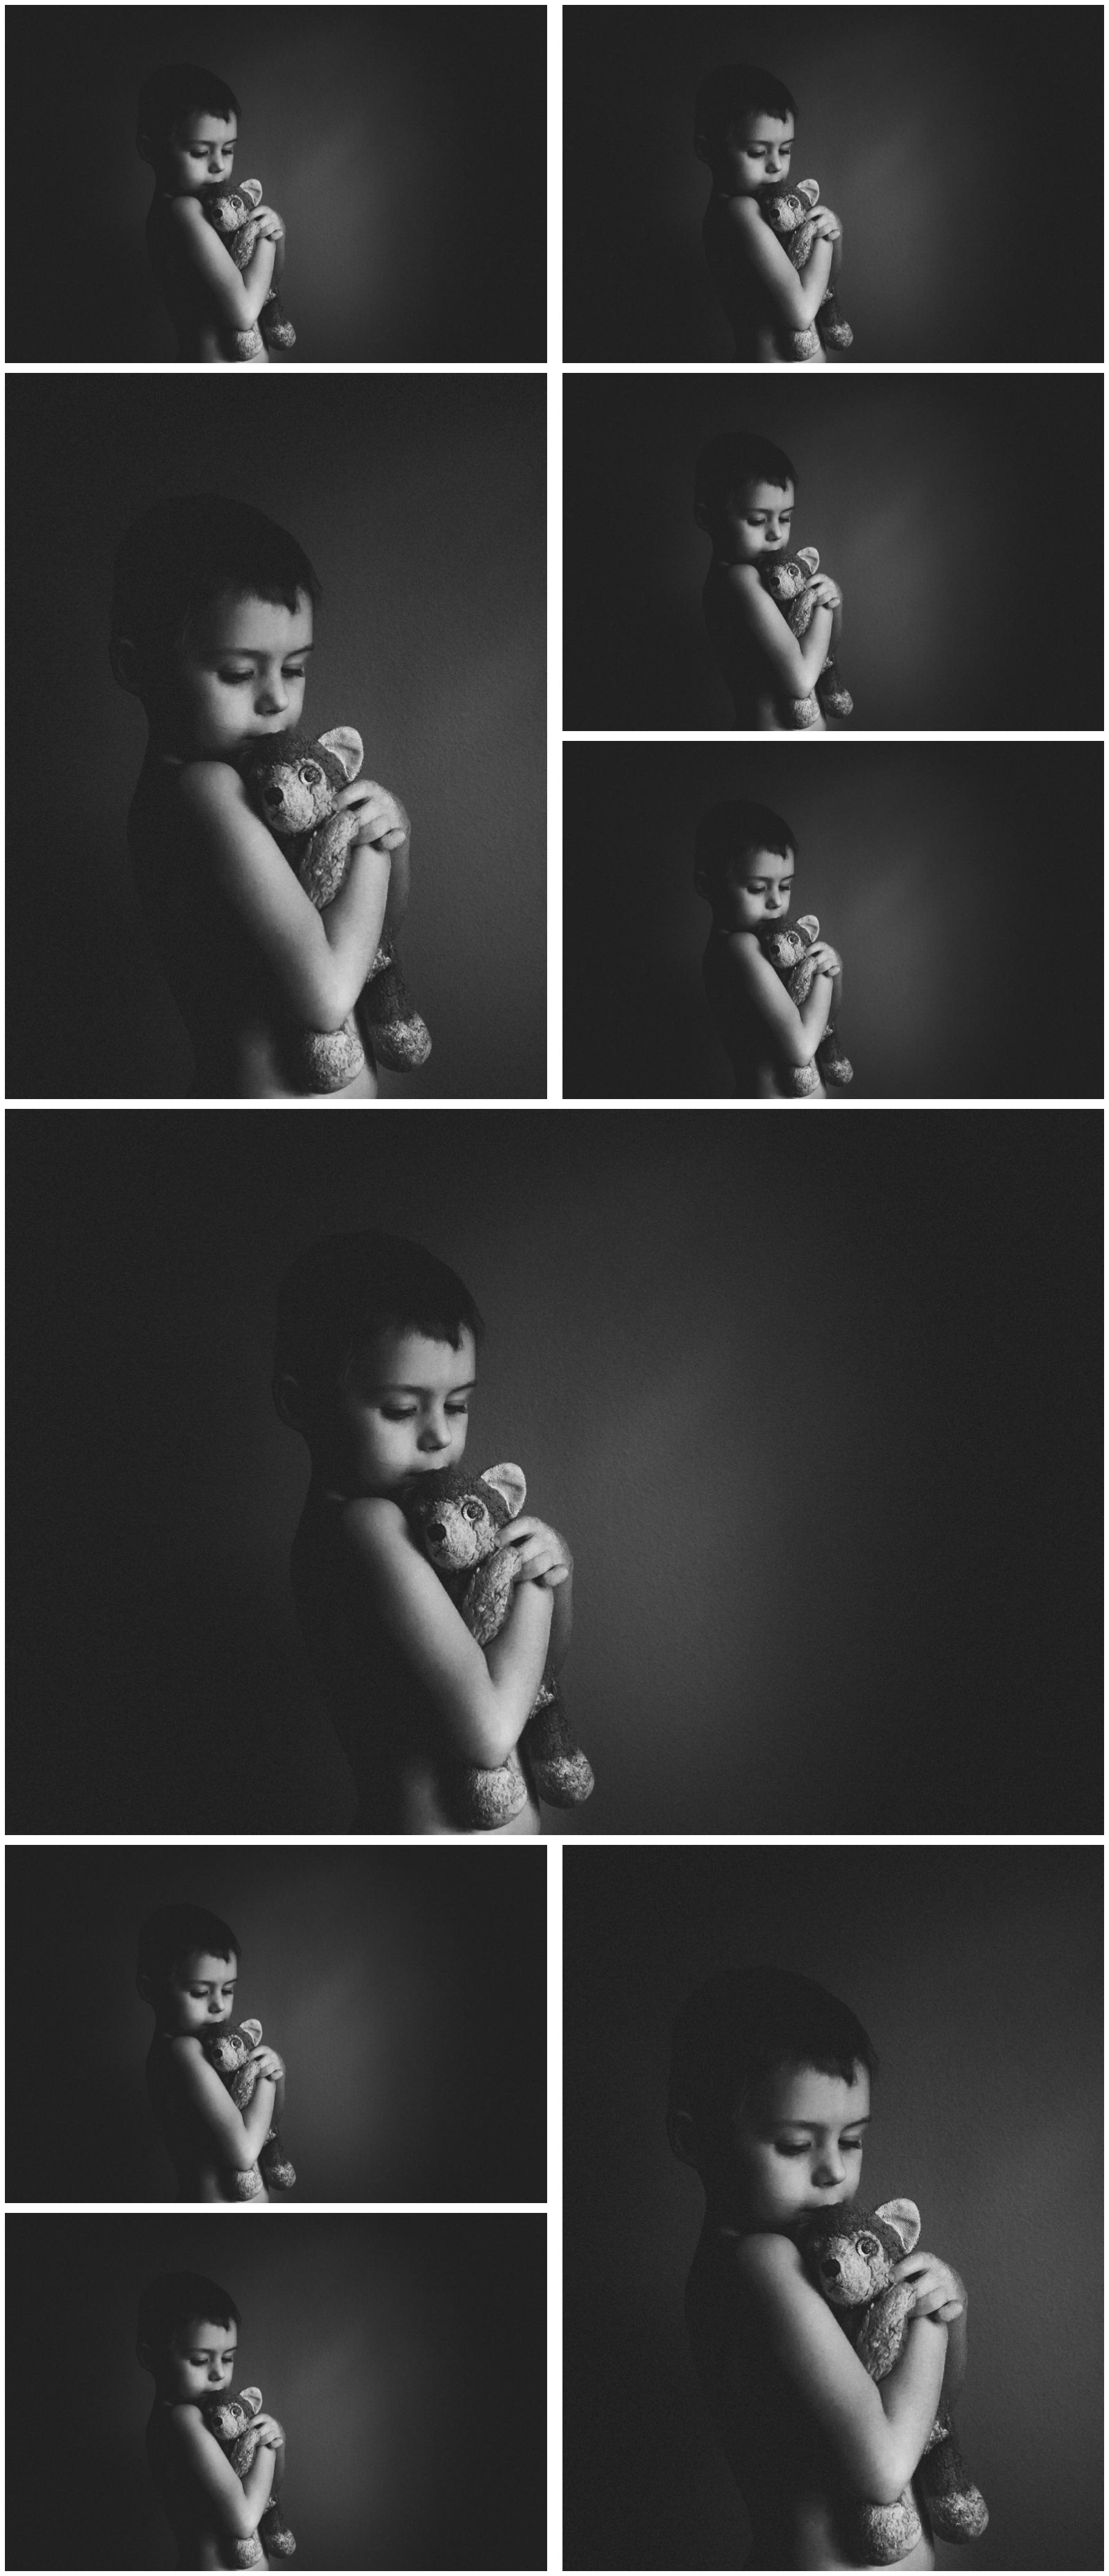 KJ Collage 13.jpg